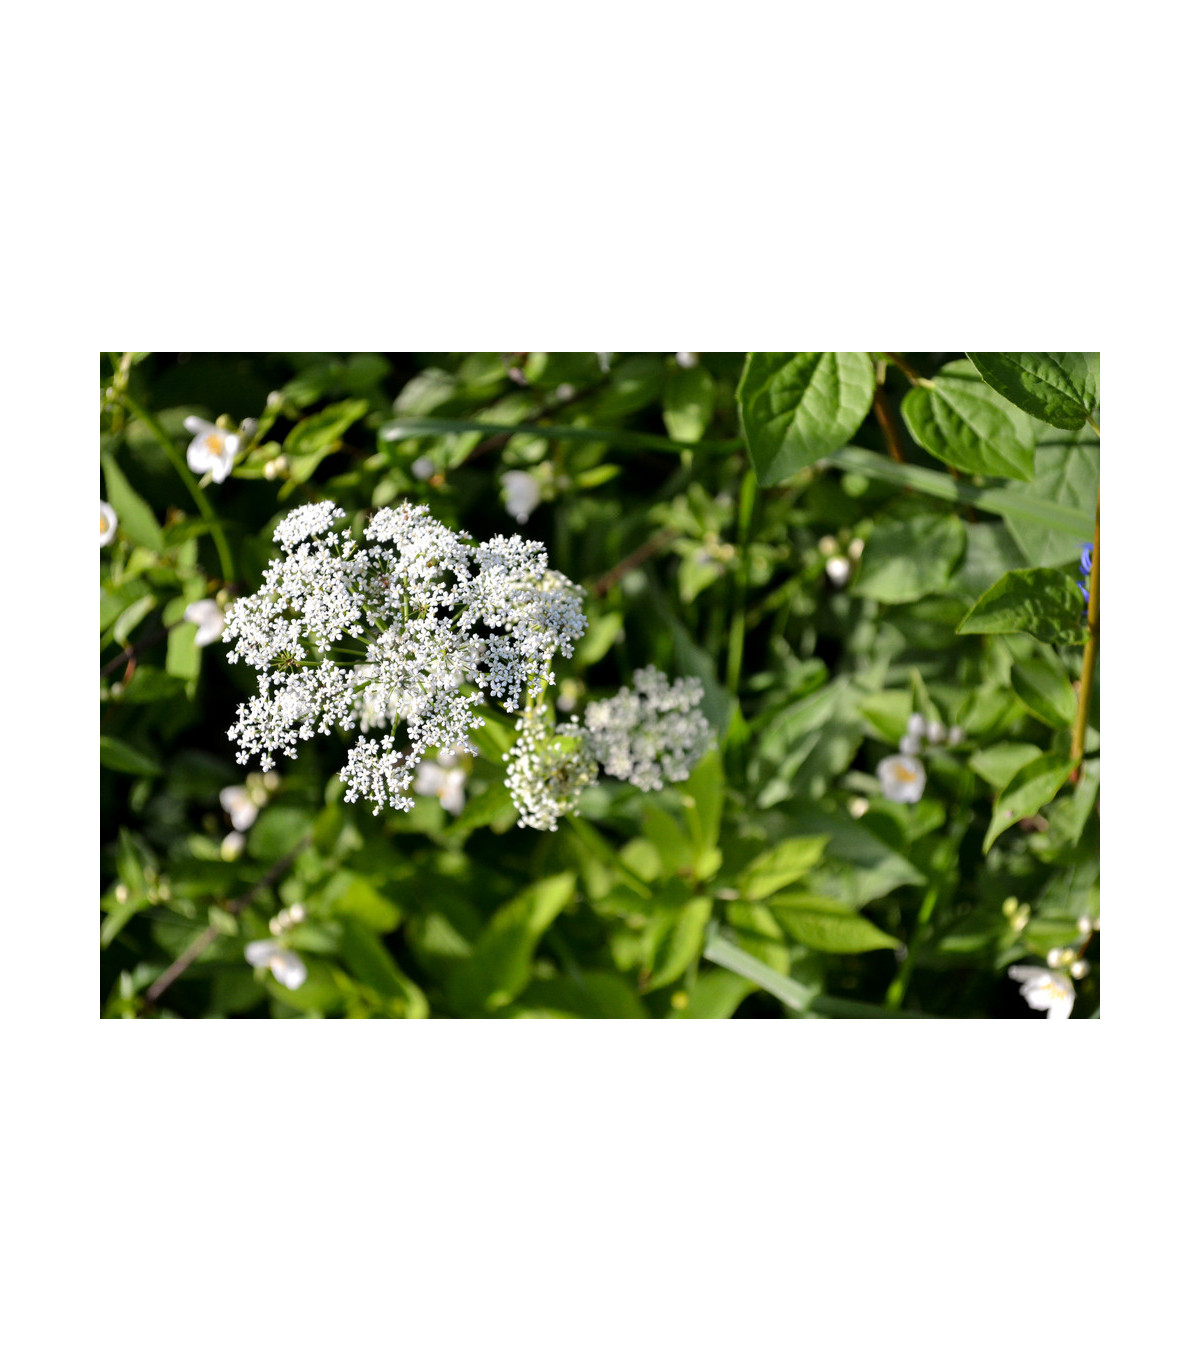 Bedrovník obyčajný - predaj semien bedrovníka - Pimpinella Saxifraga - 50 ks